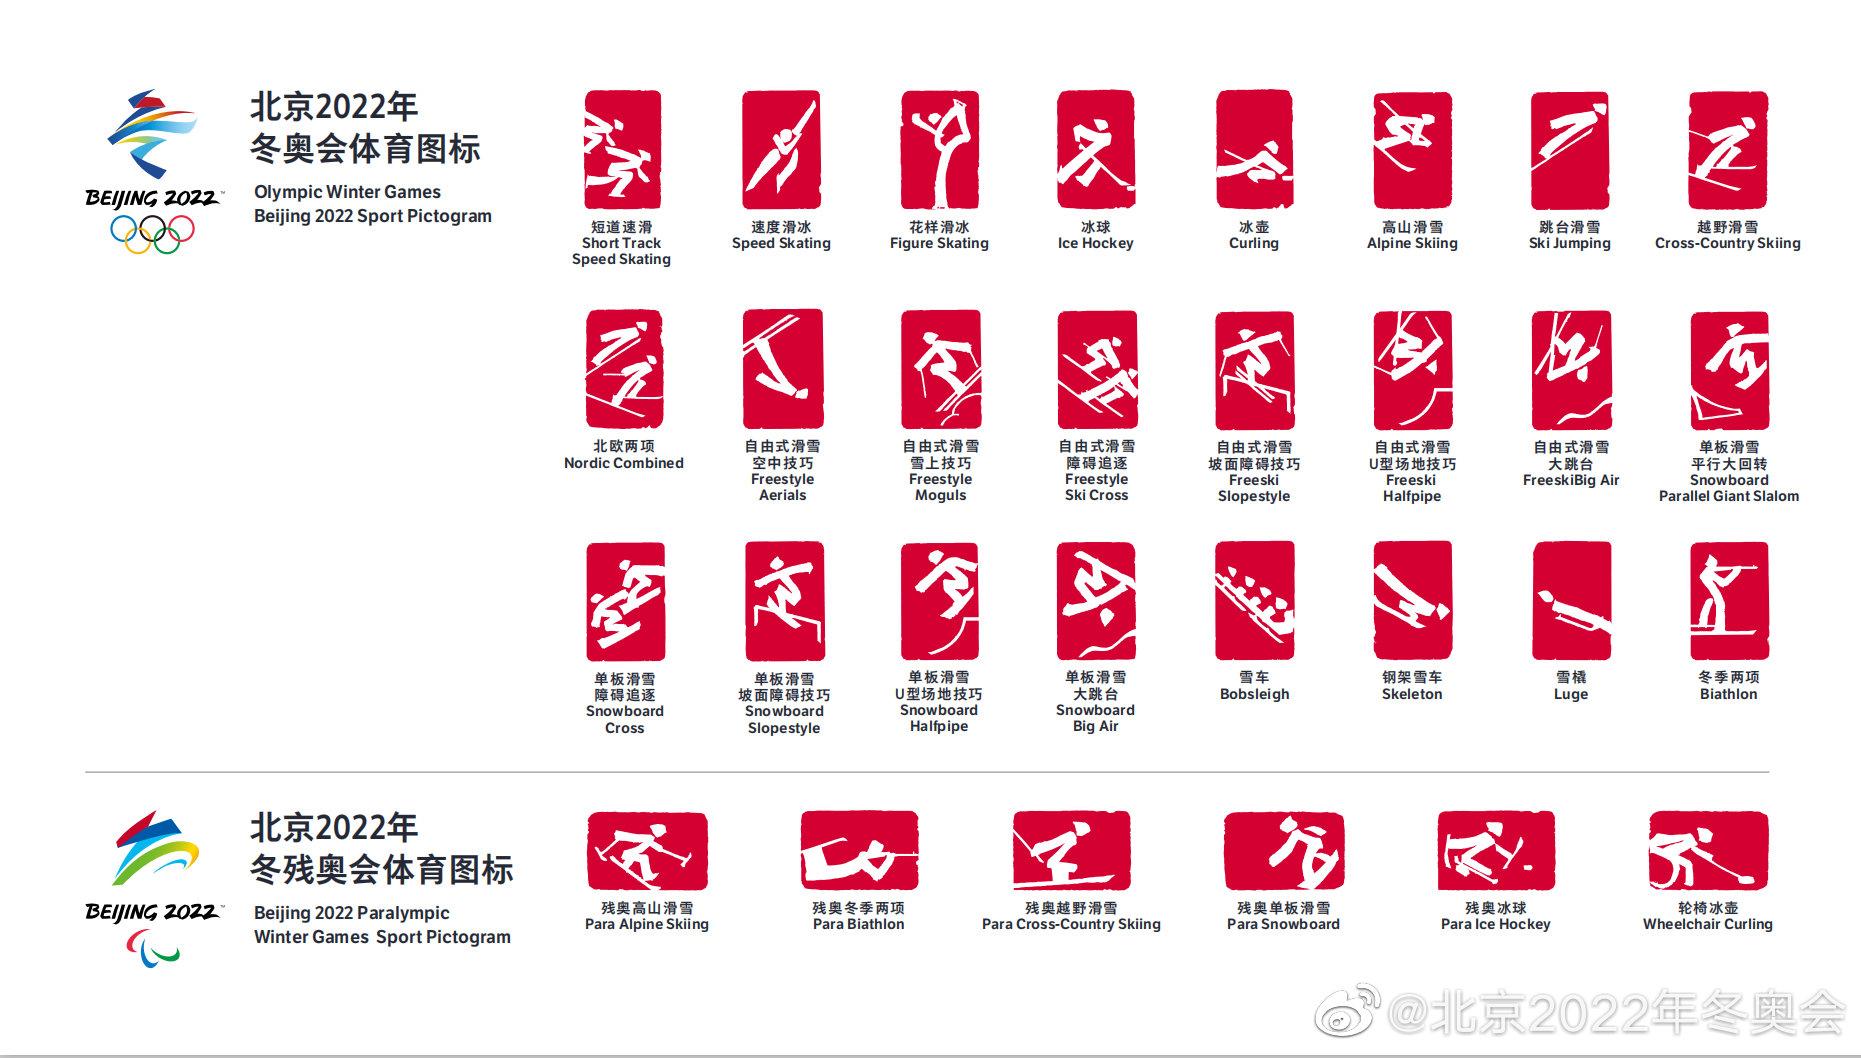 图片来源:北京2022年冬奥会官微